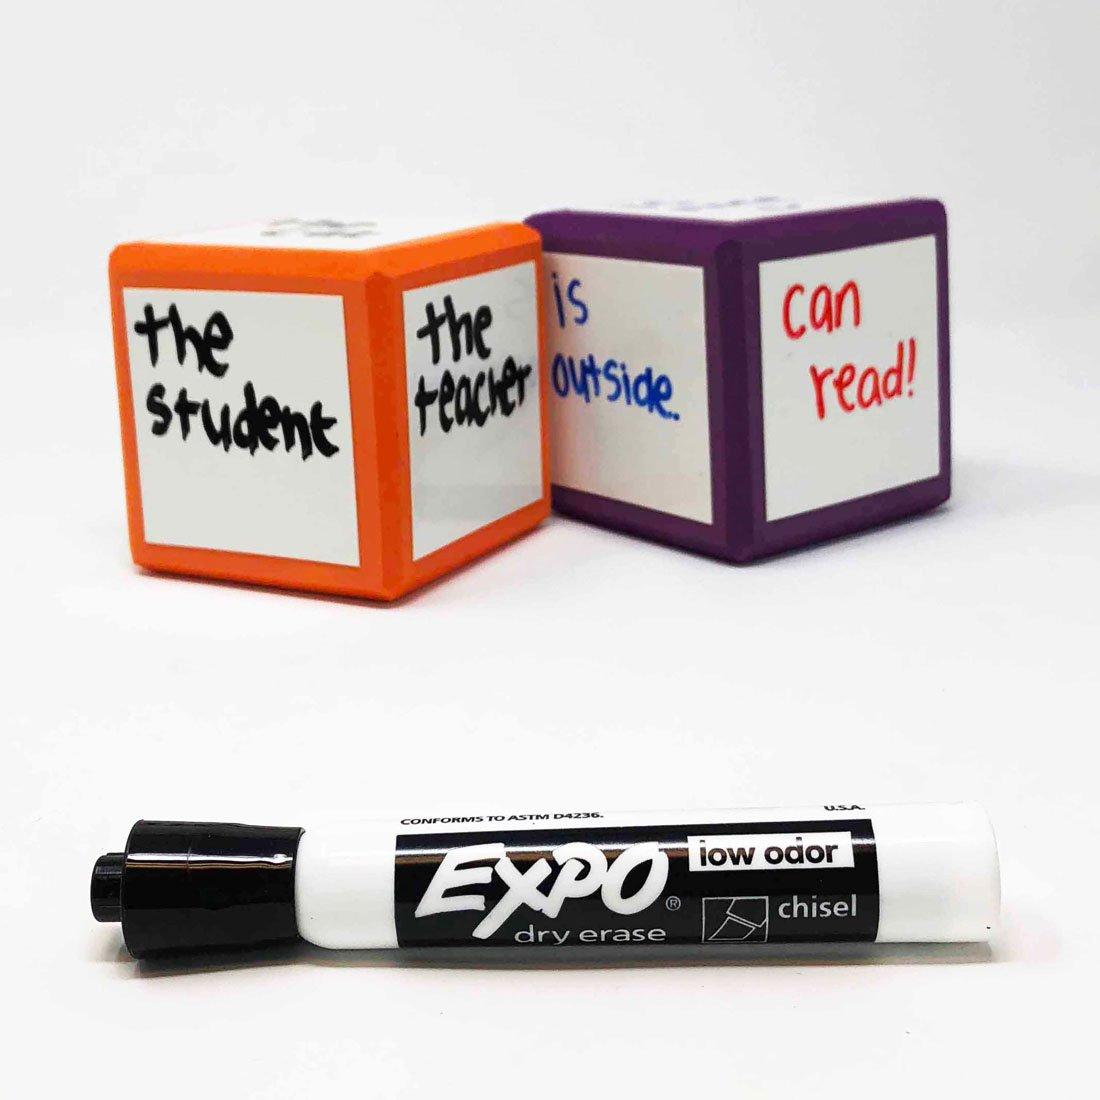 dry-erase-dice-written-in-black-expo-chisel-marker.jpg